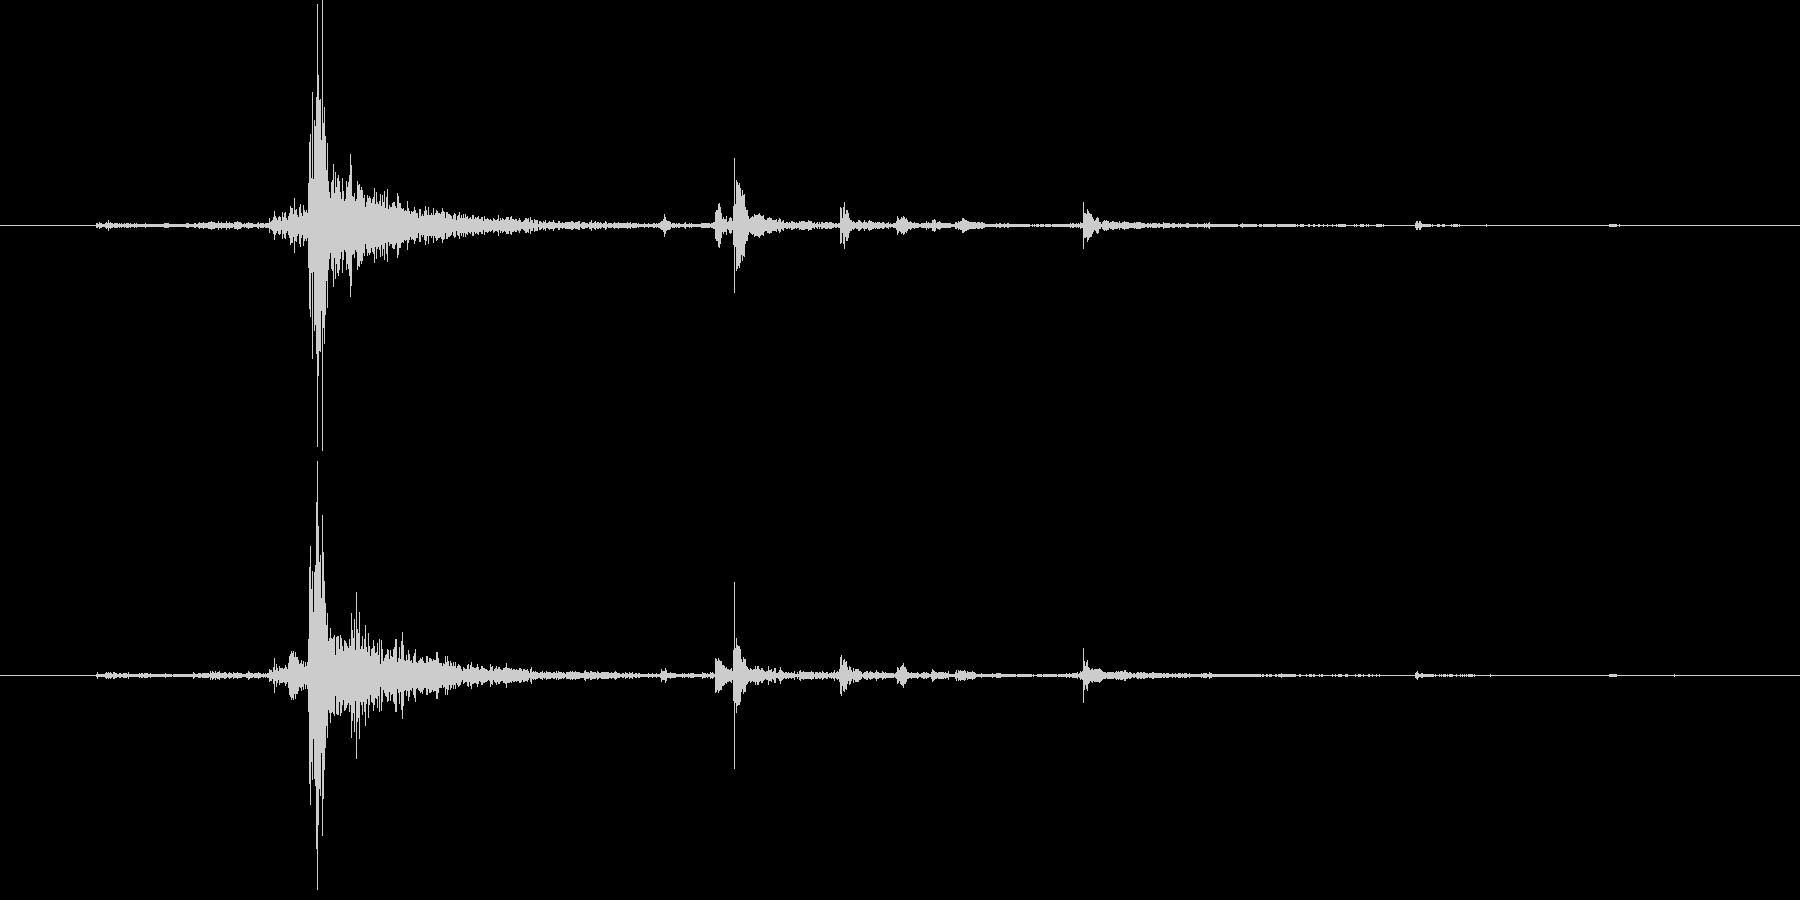 水面に何かを投げて落とした音チャポン4の未再生の波形